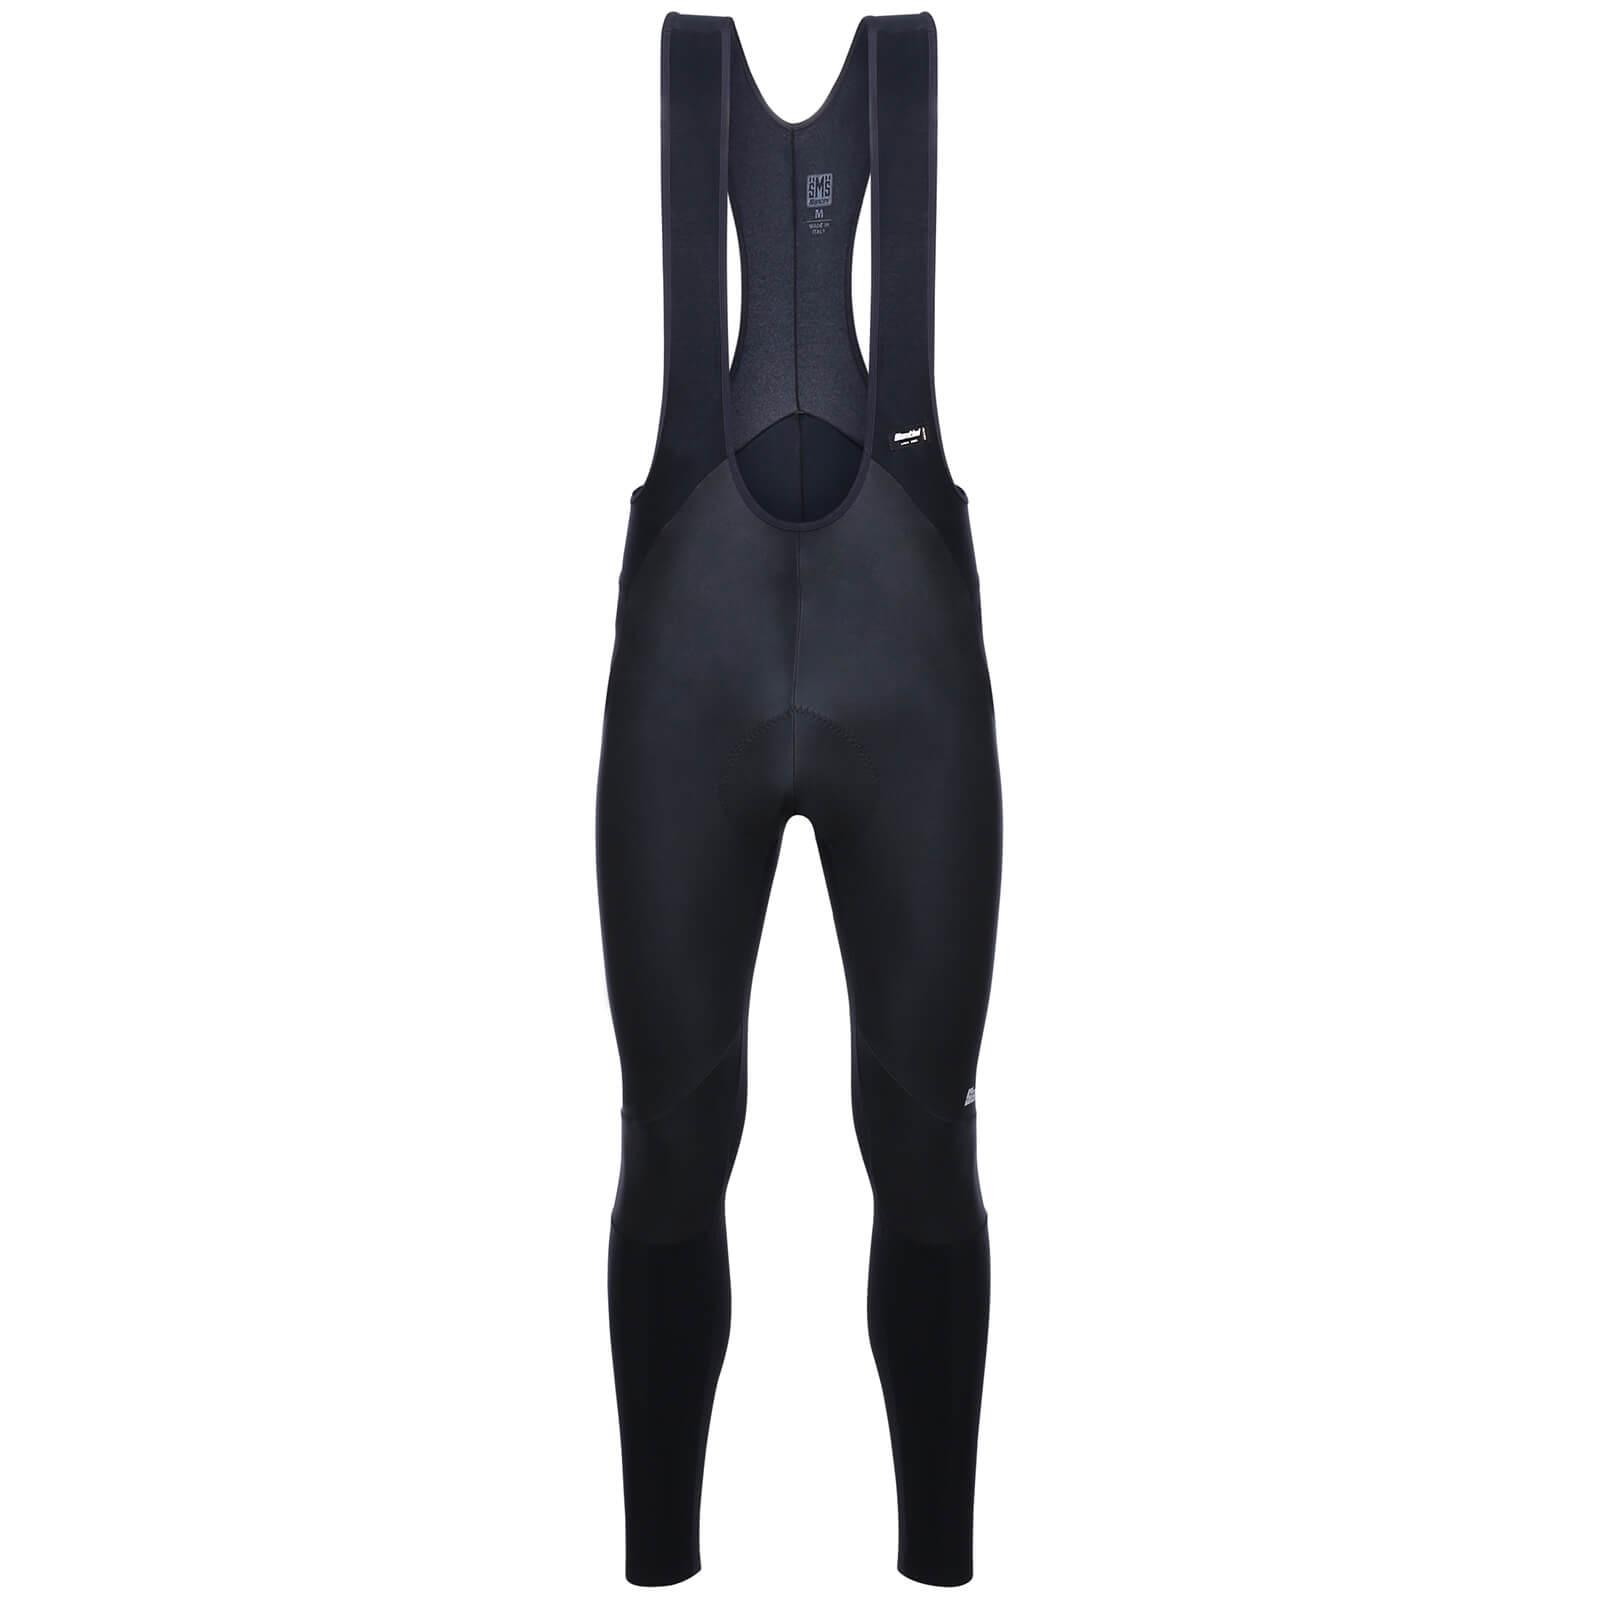 santini giove windstopper bib tights - black - xl - black